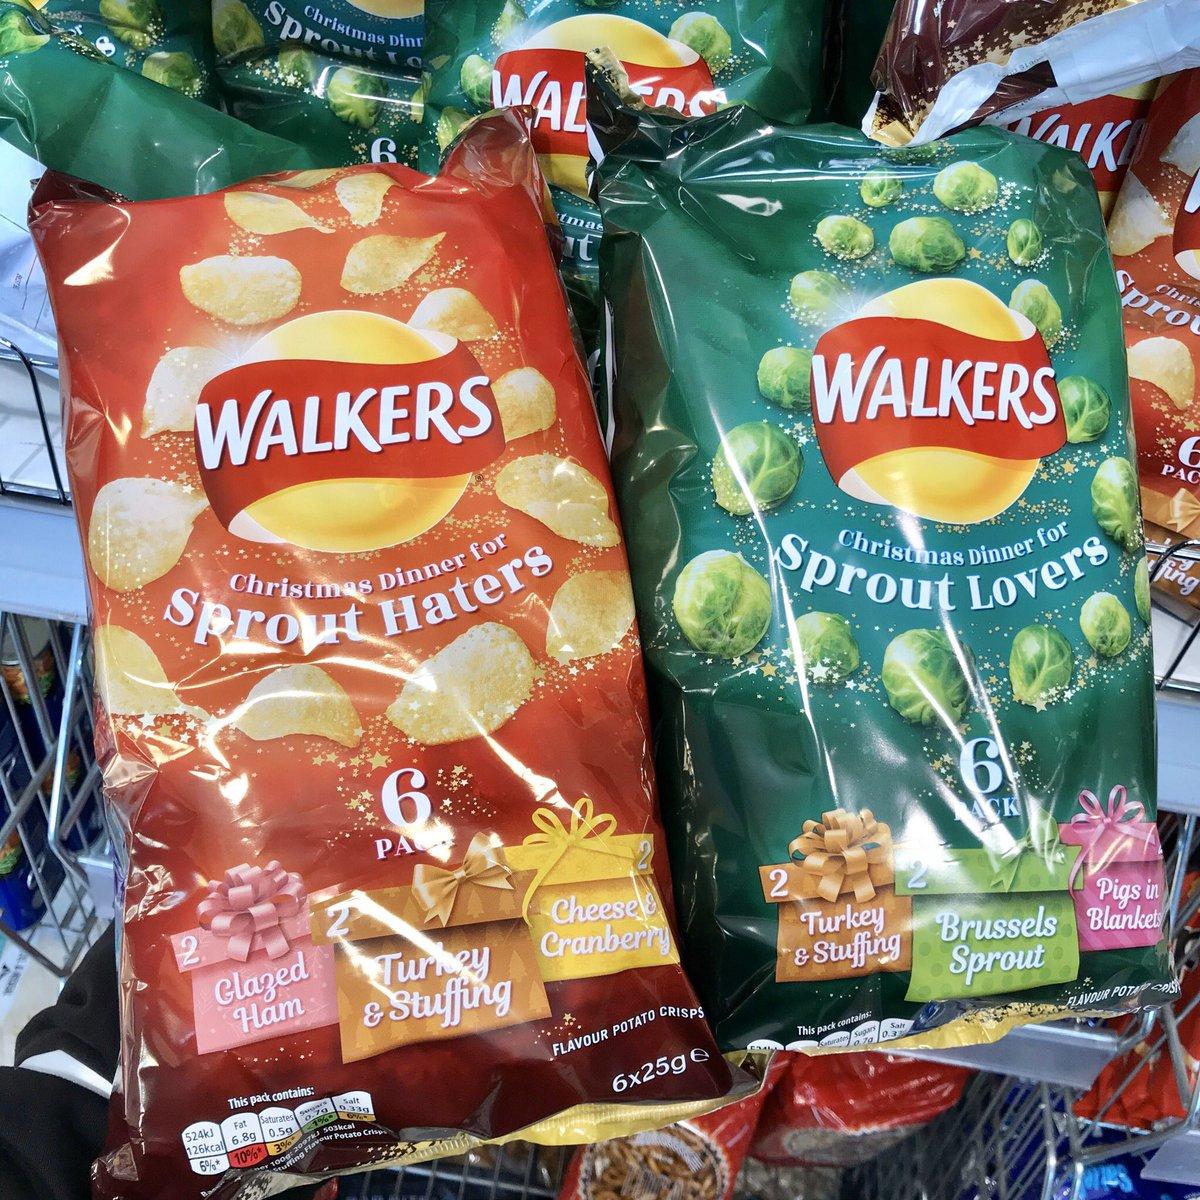 Walkers Sprout Lovers & Haters 6pk 50p @ Coop Food Bridge of Earn